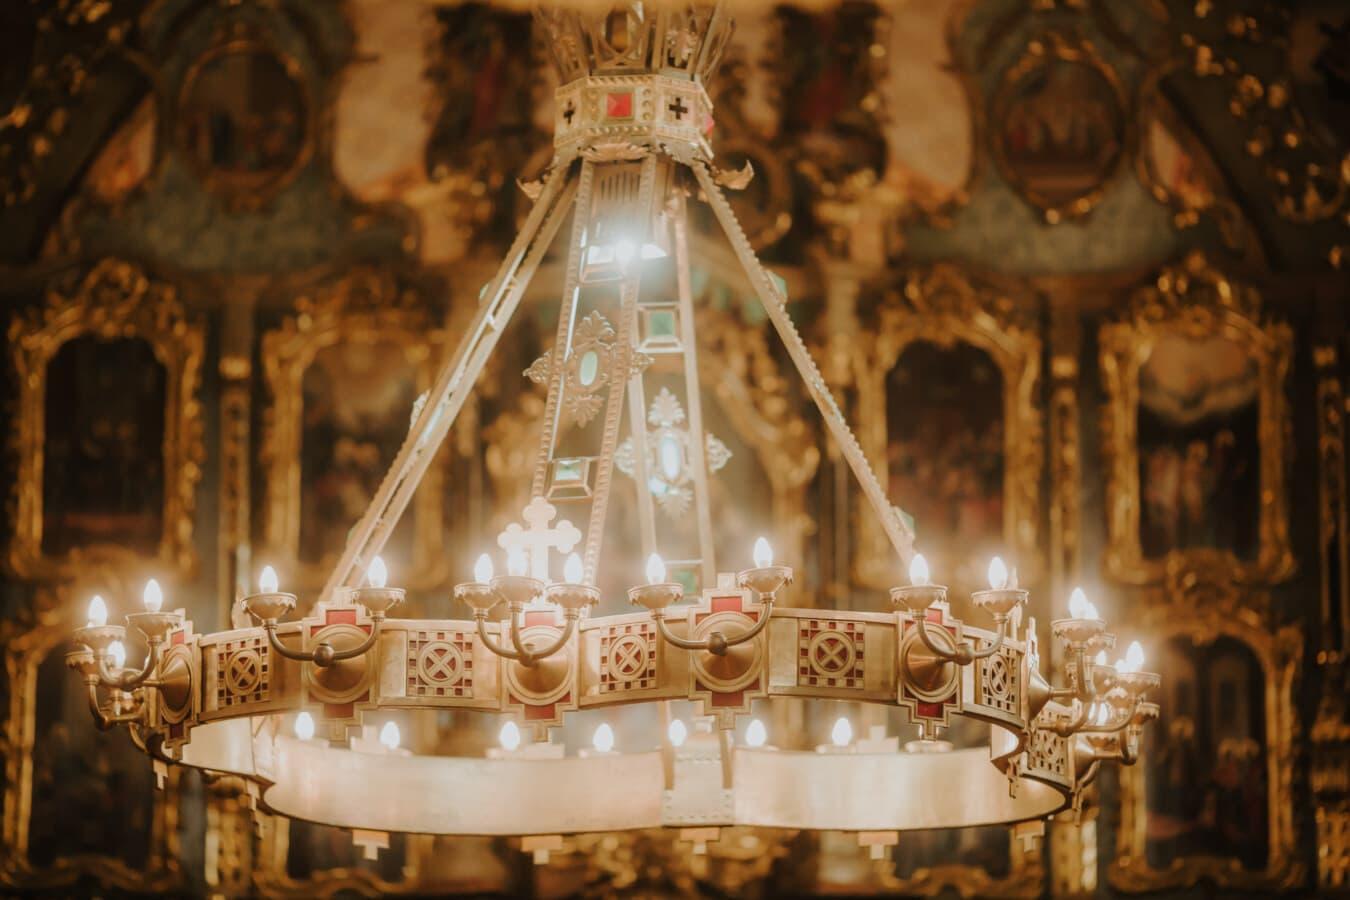 orthodoxe, lustre, église, lumière, illumination, fantaisie, traditionnel, autel, architecture, à l'intérieur